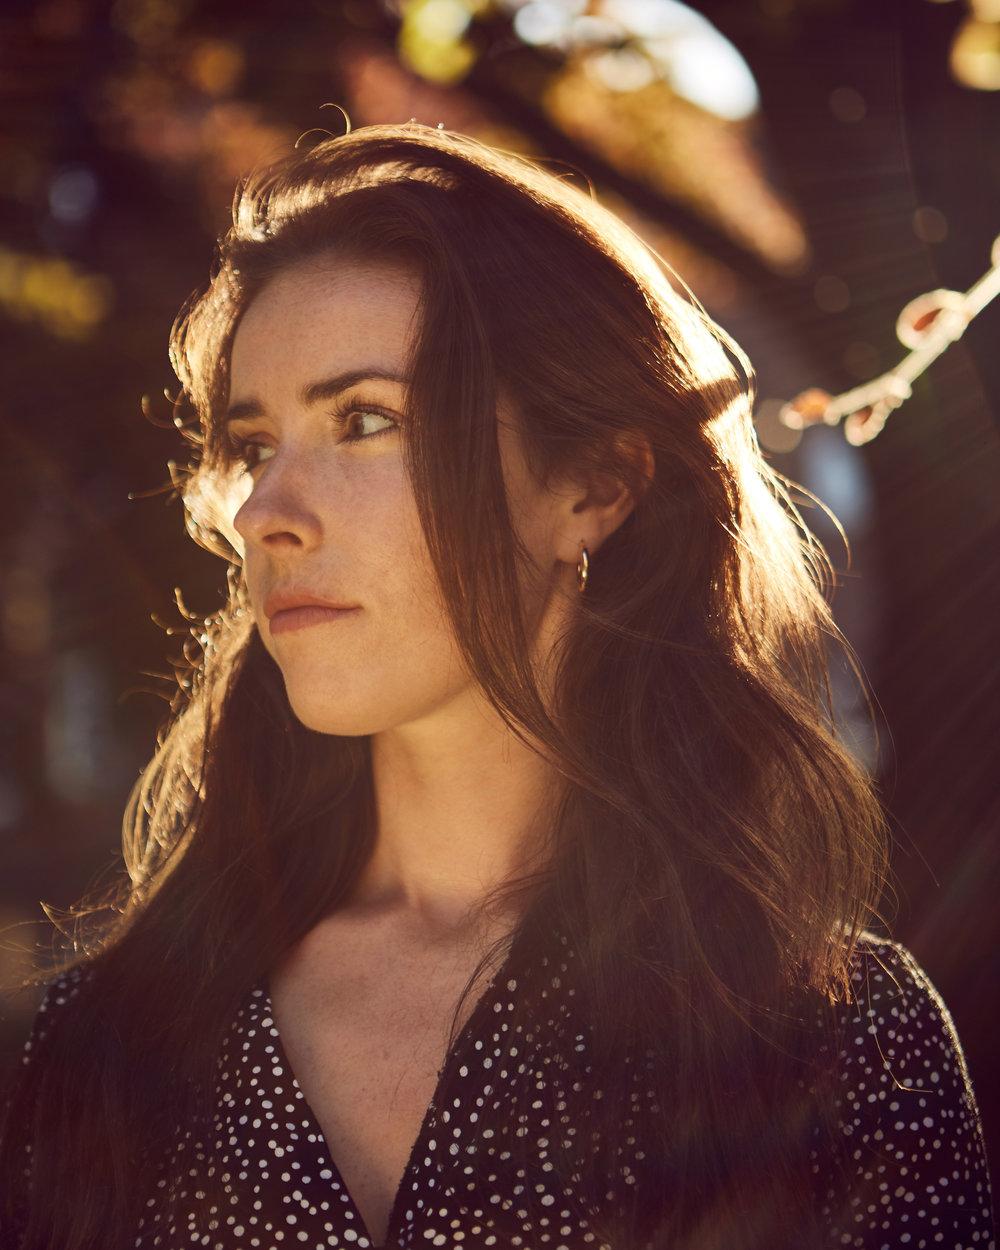 Heather // Singer